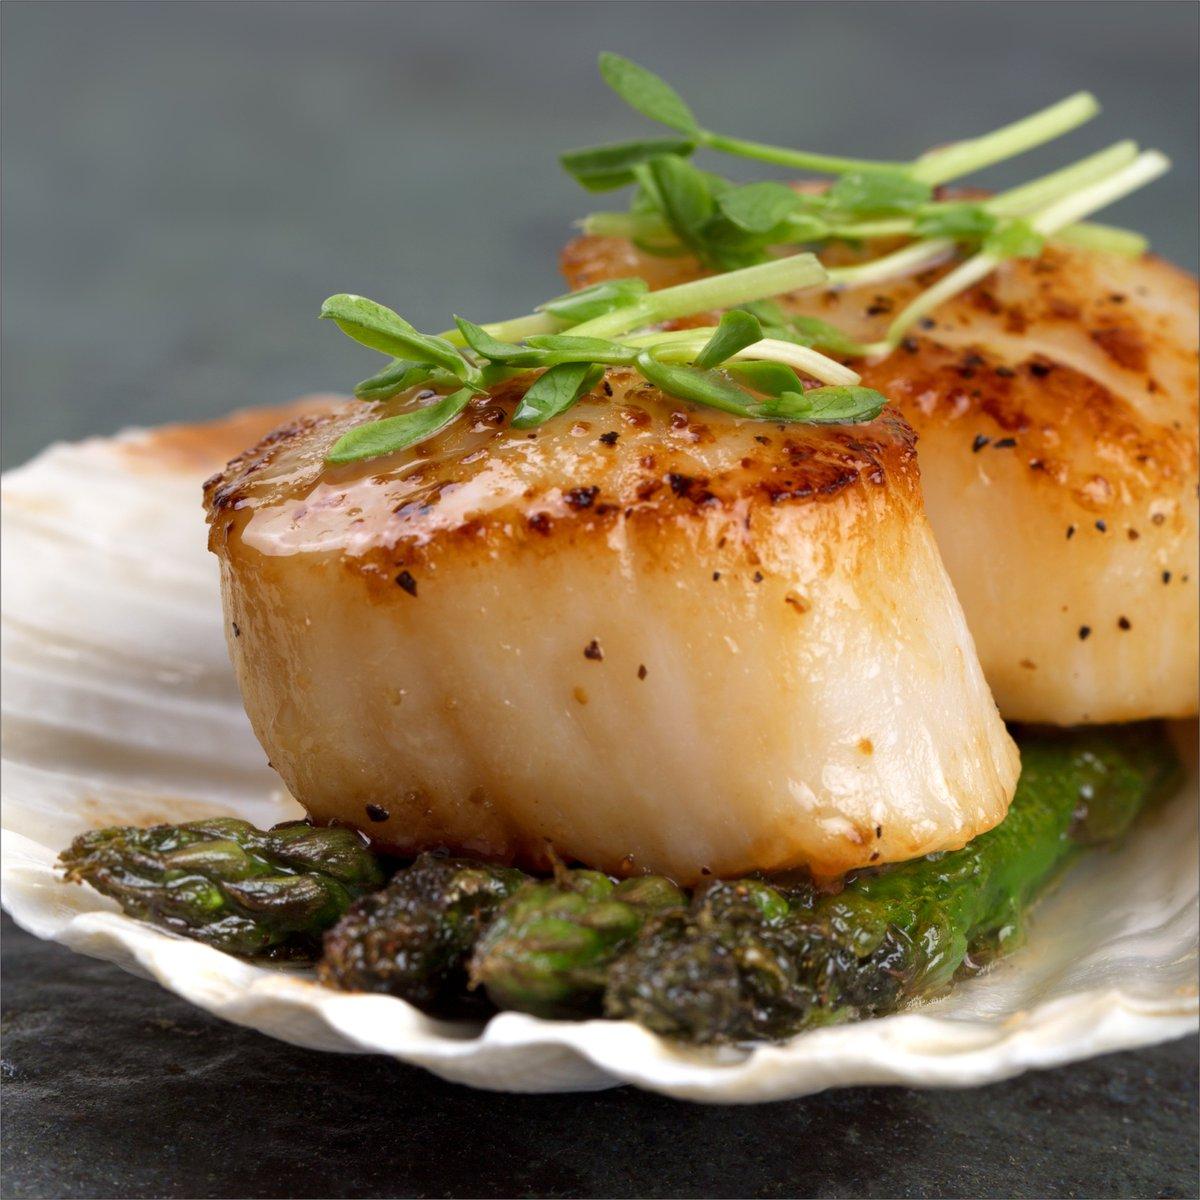 Fanta Sea Salmon |  - Other Sea Proteins 其他海鲜